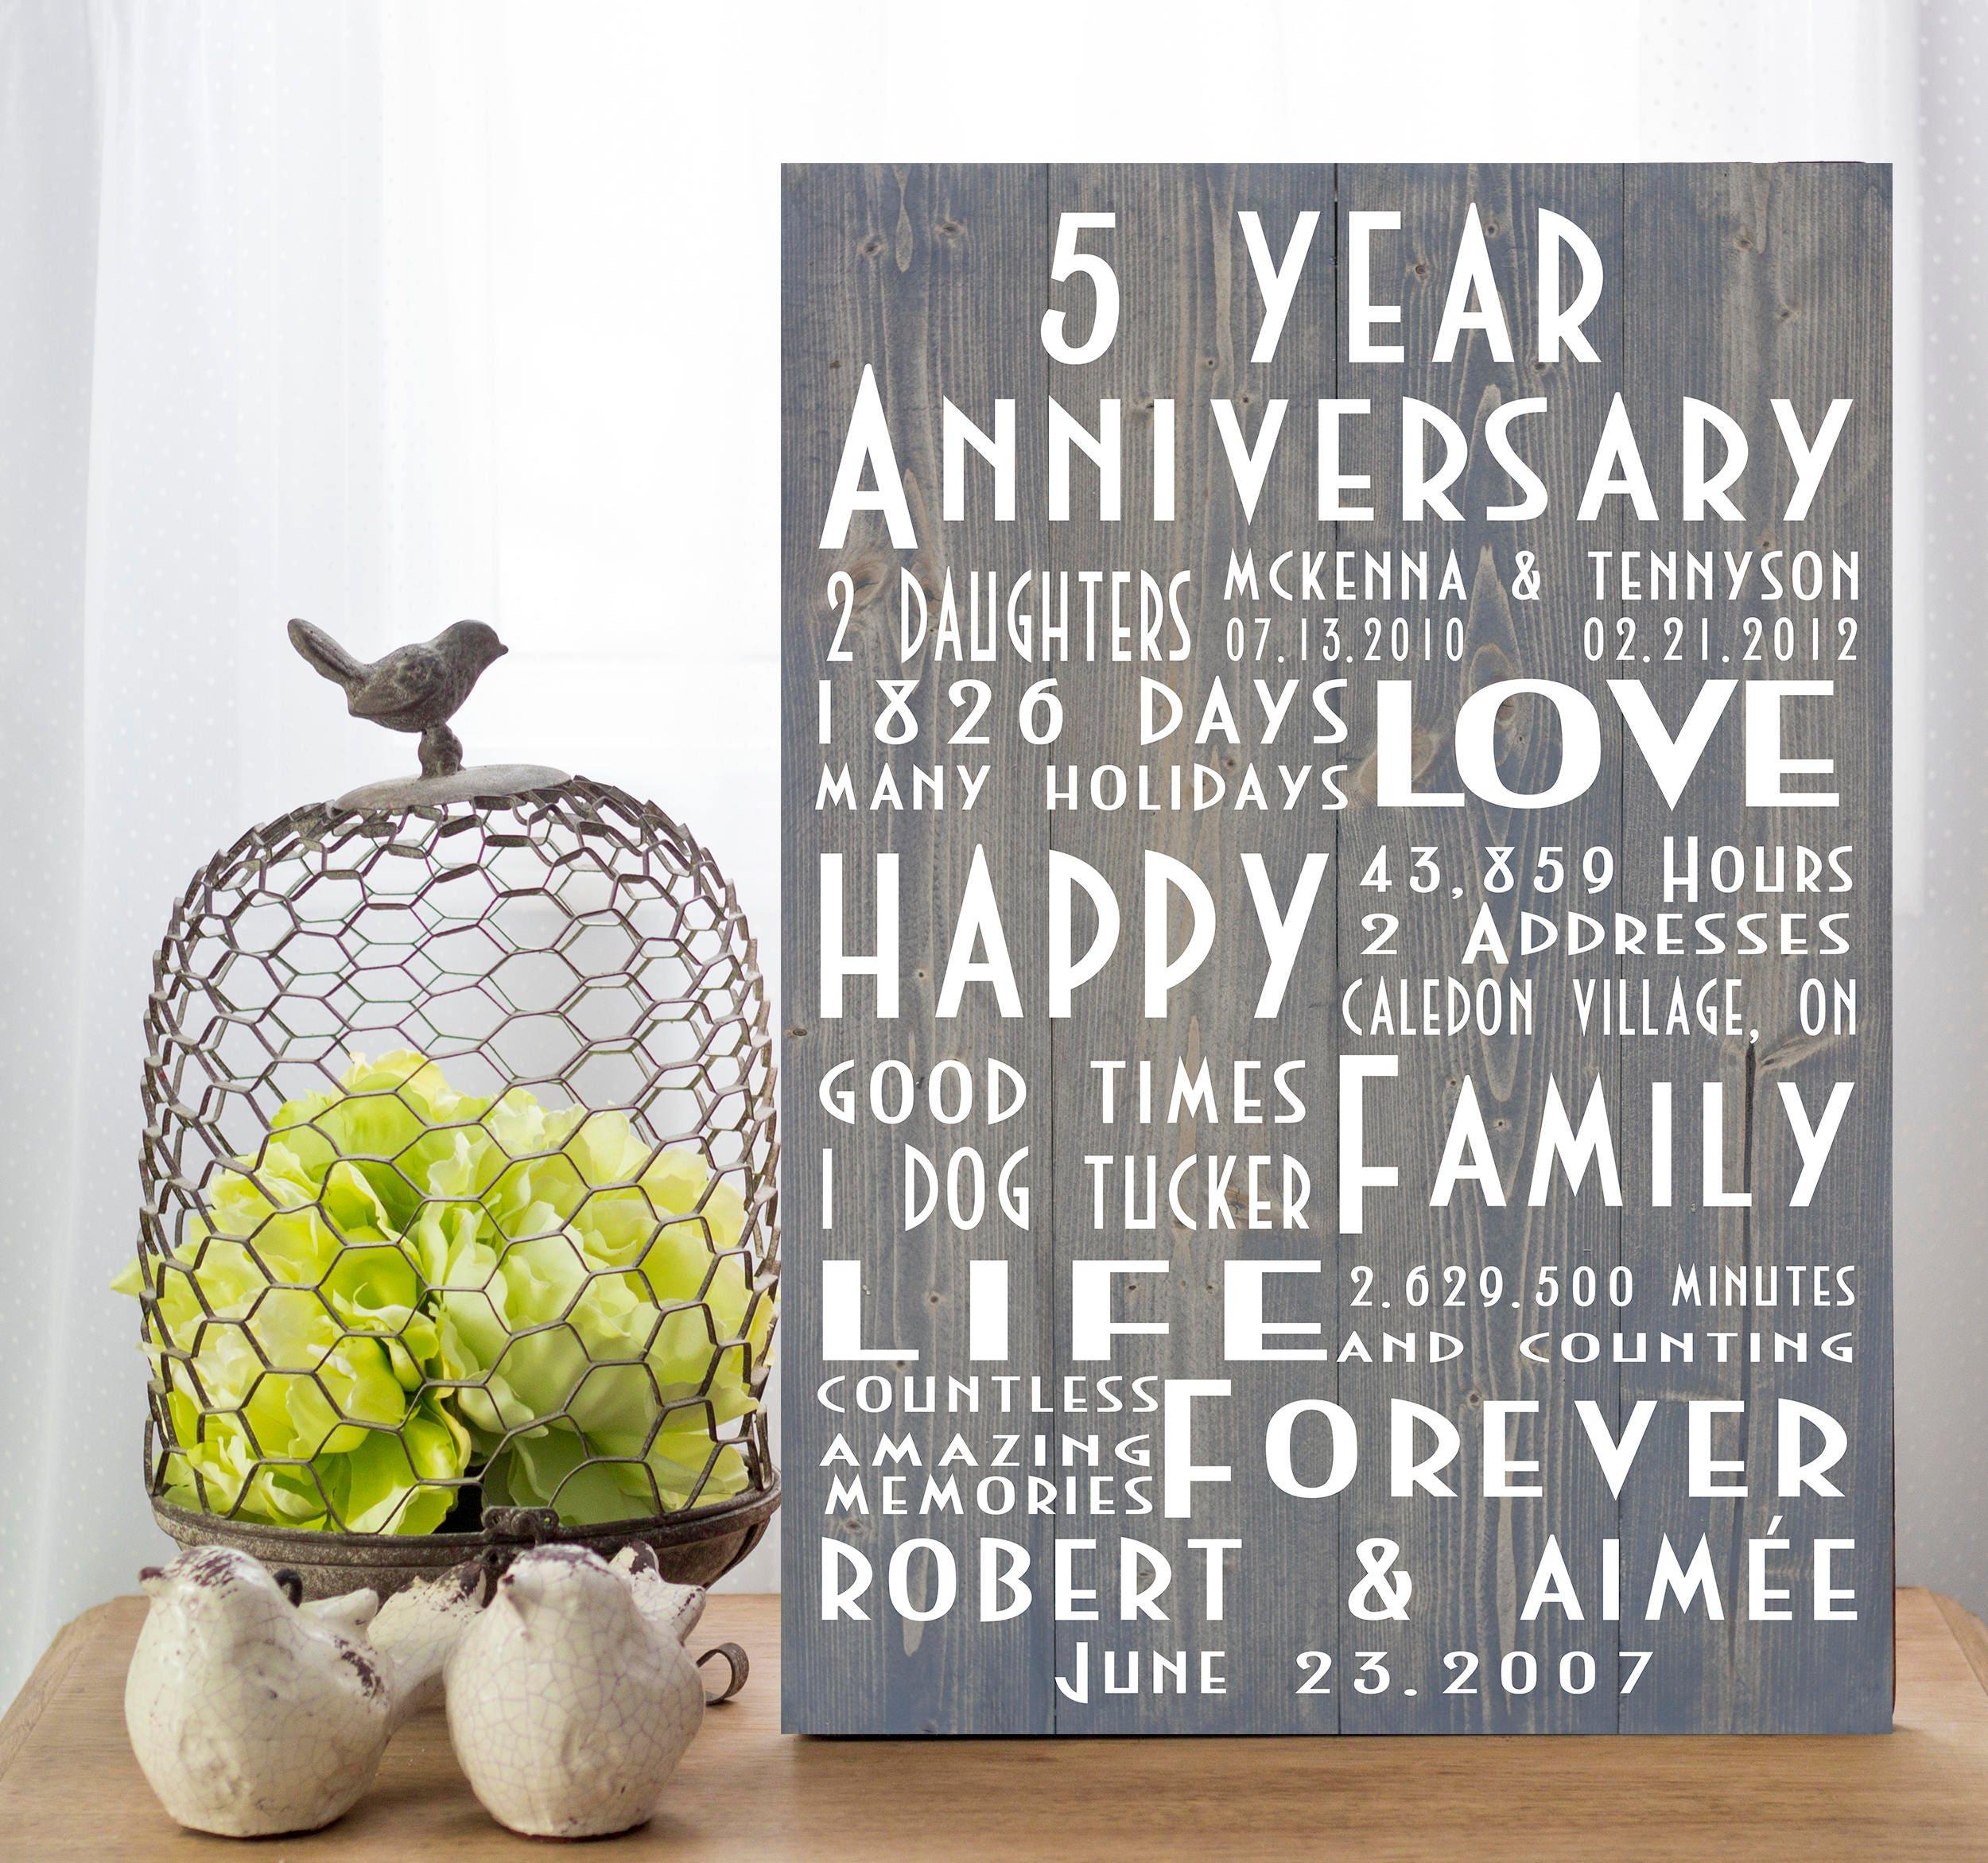 5 year anniversary silverware